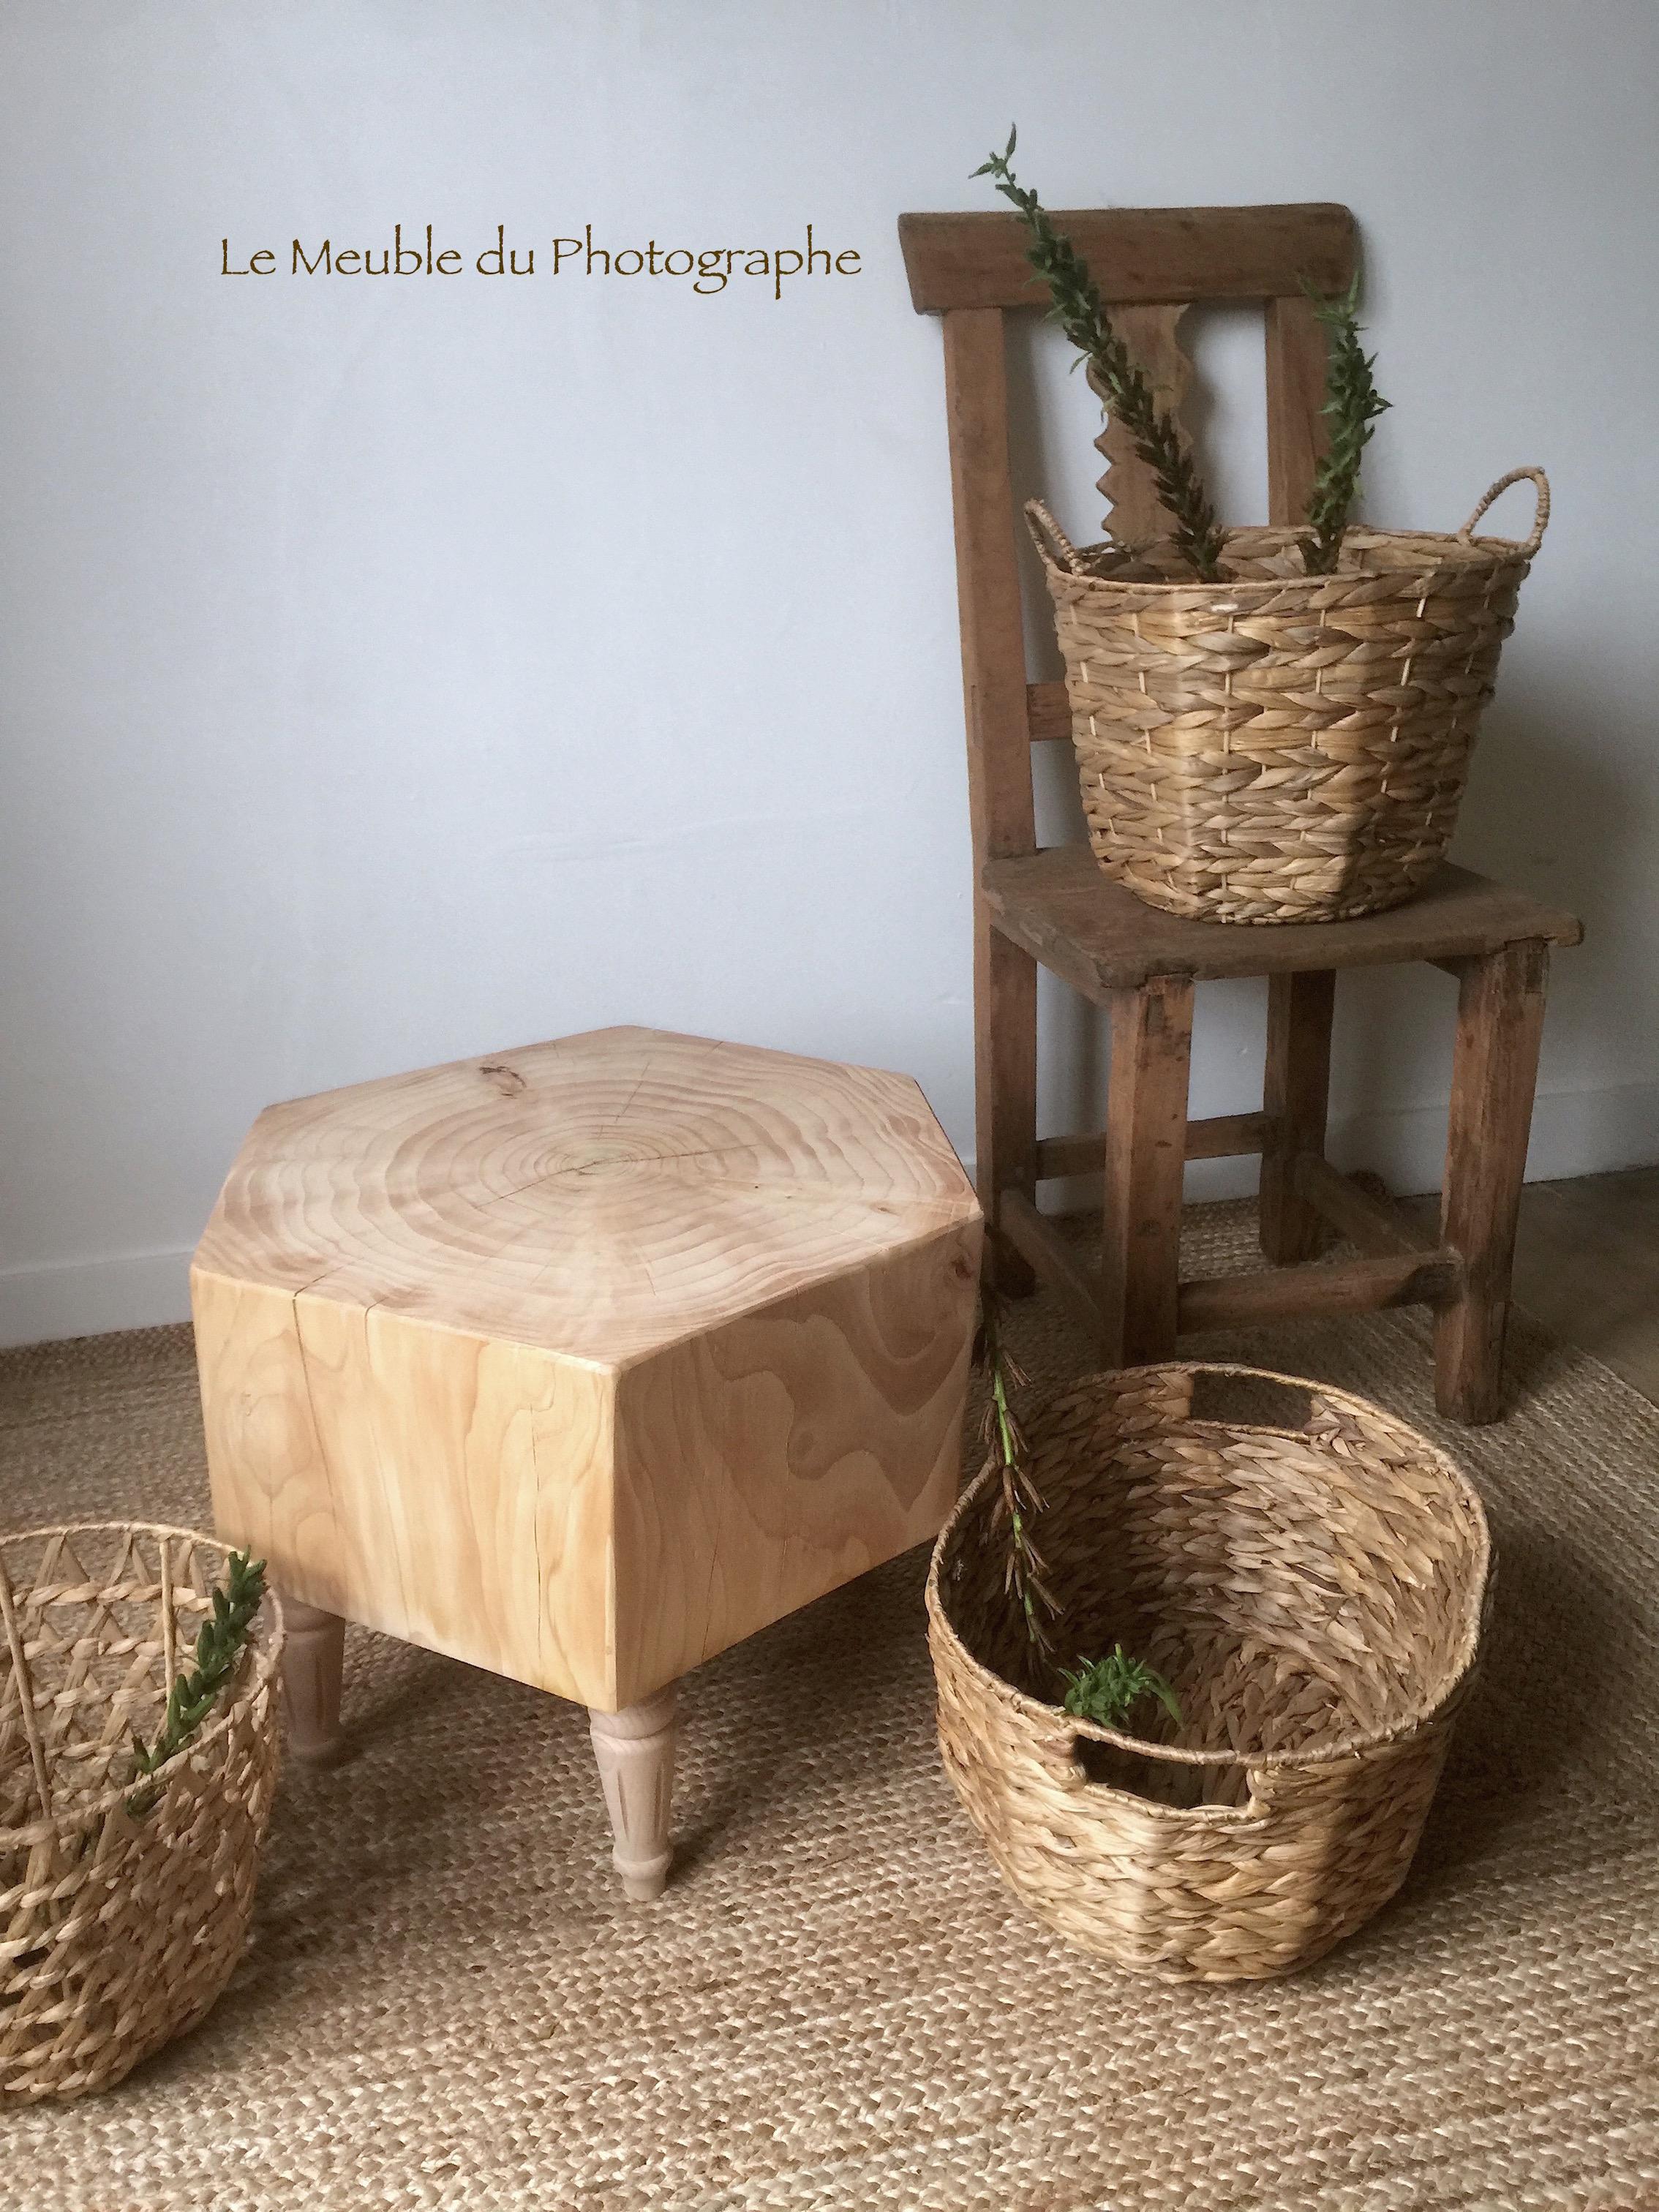 table basse rondin forme diamant 50cm soldes le meuble du photographe. Black Bedroom Furniture Sets. Home Design Ideas